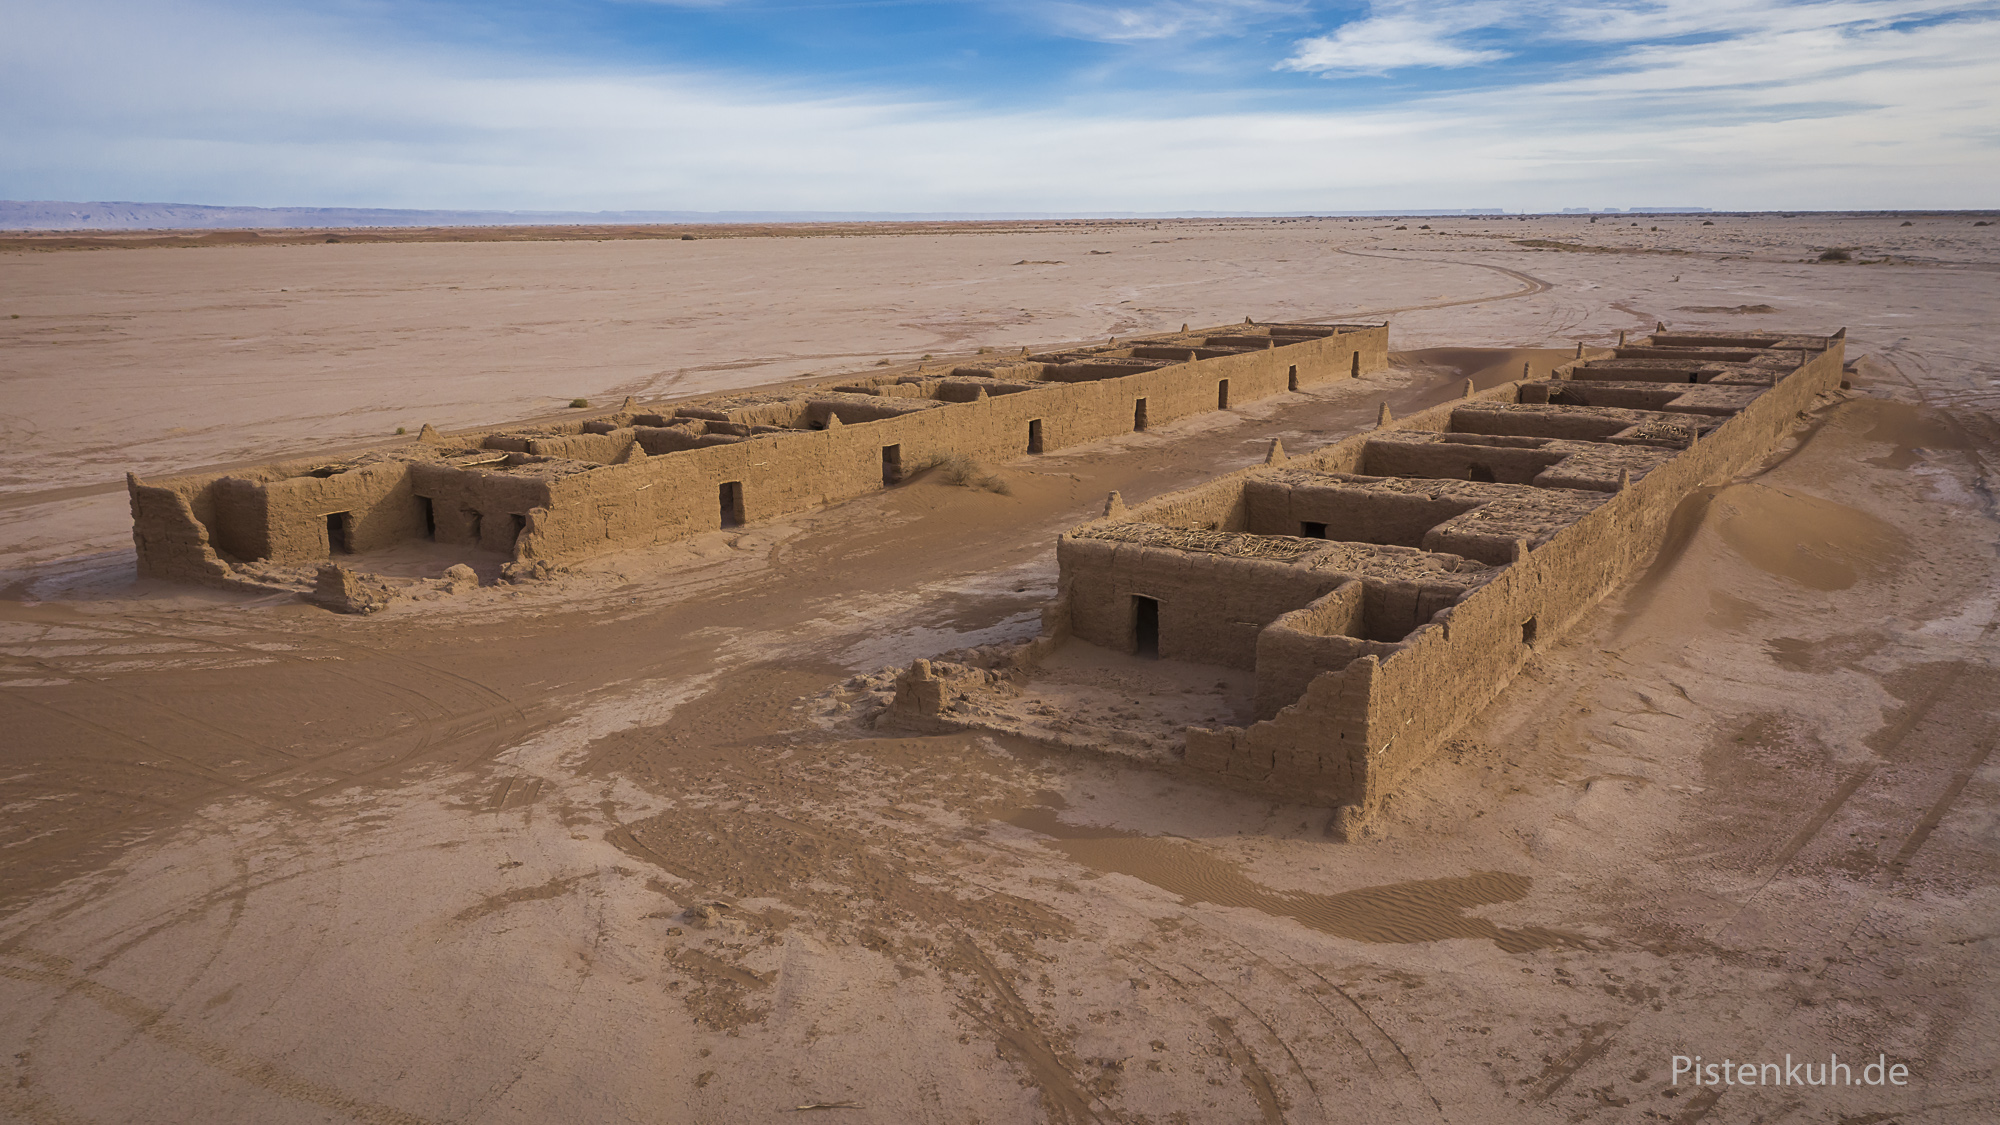 Ruinen in der Nähe des Erg Zaher